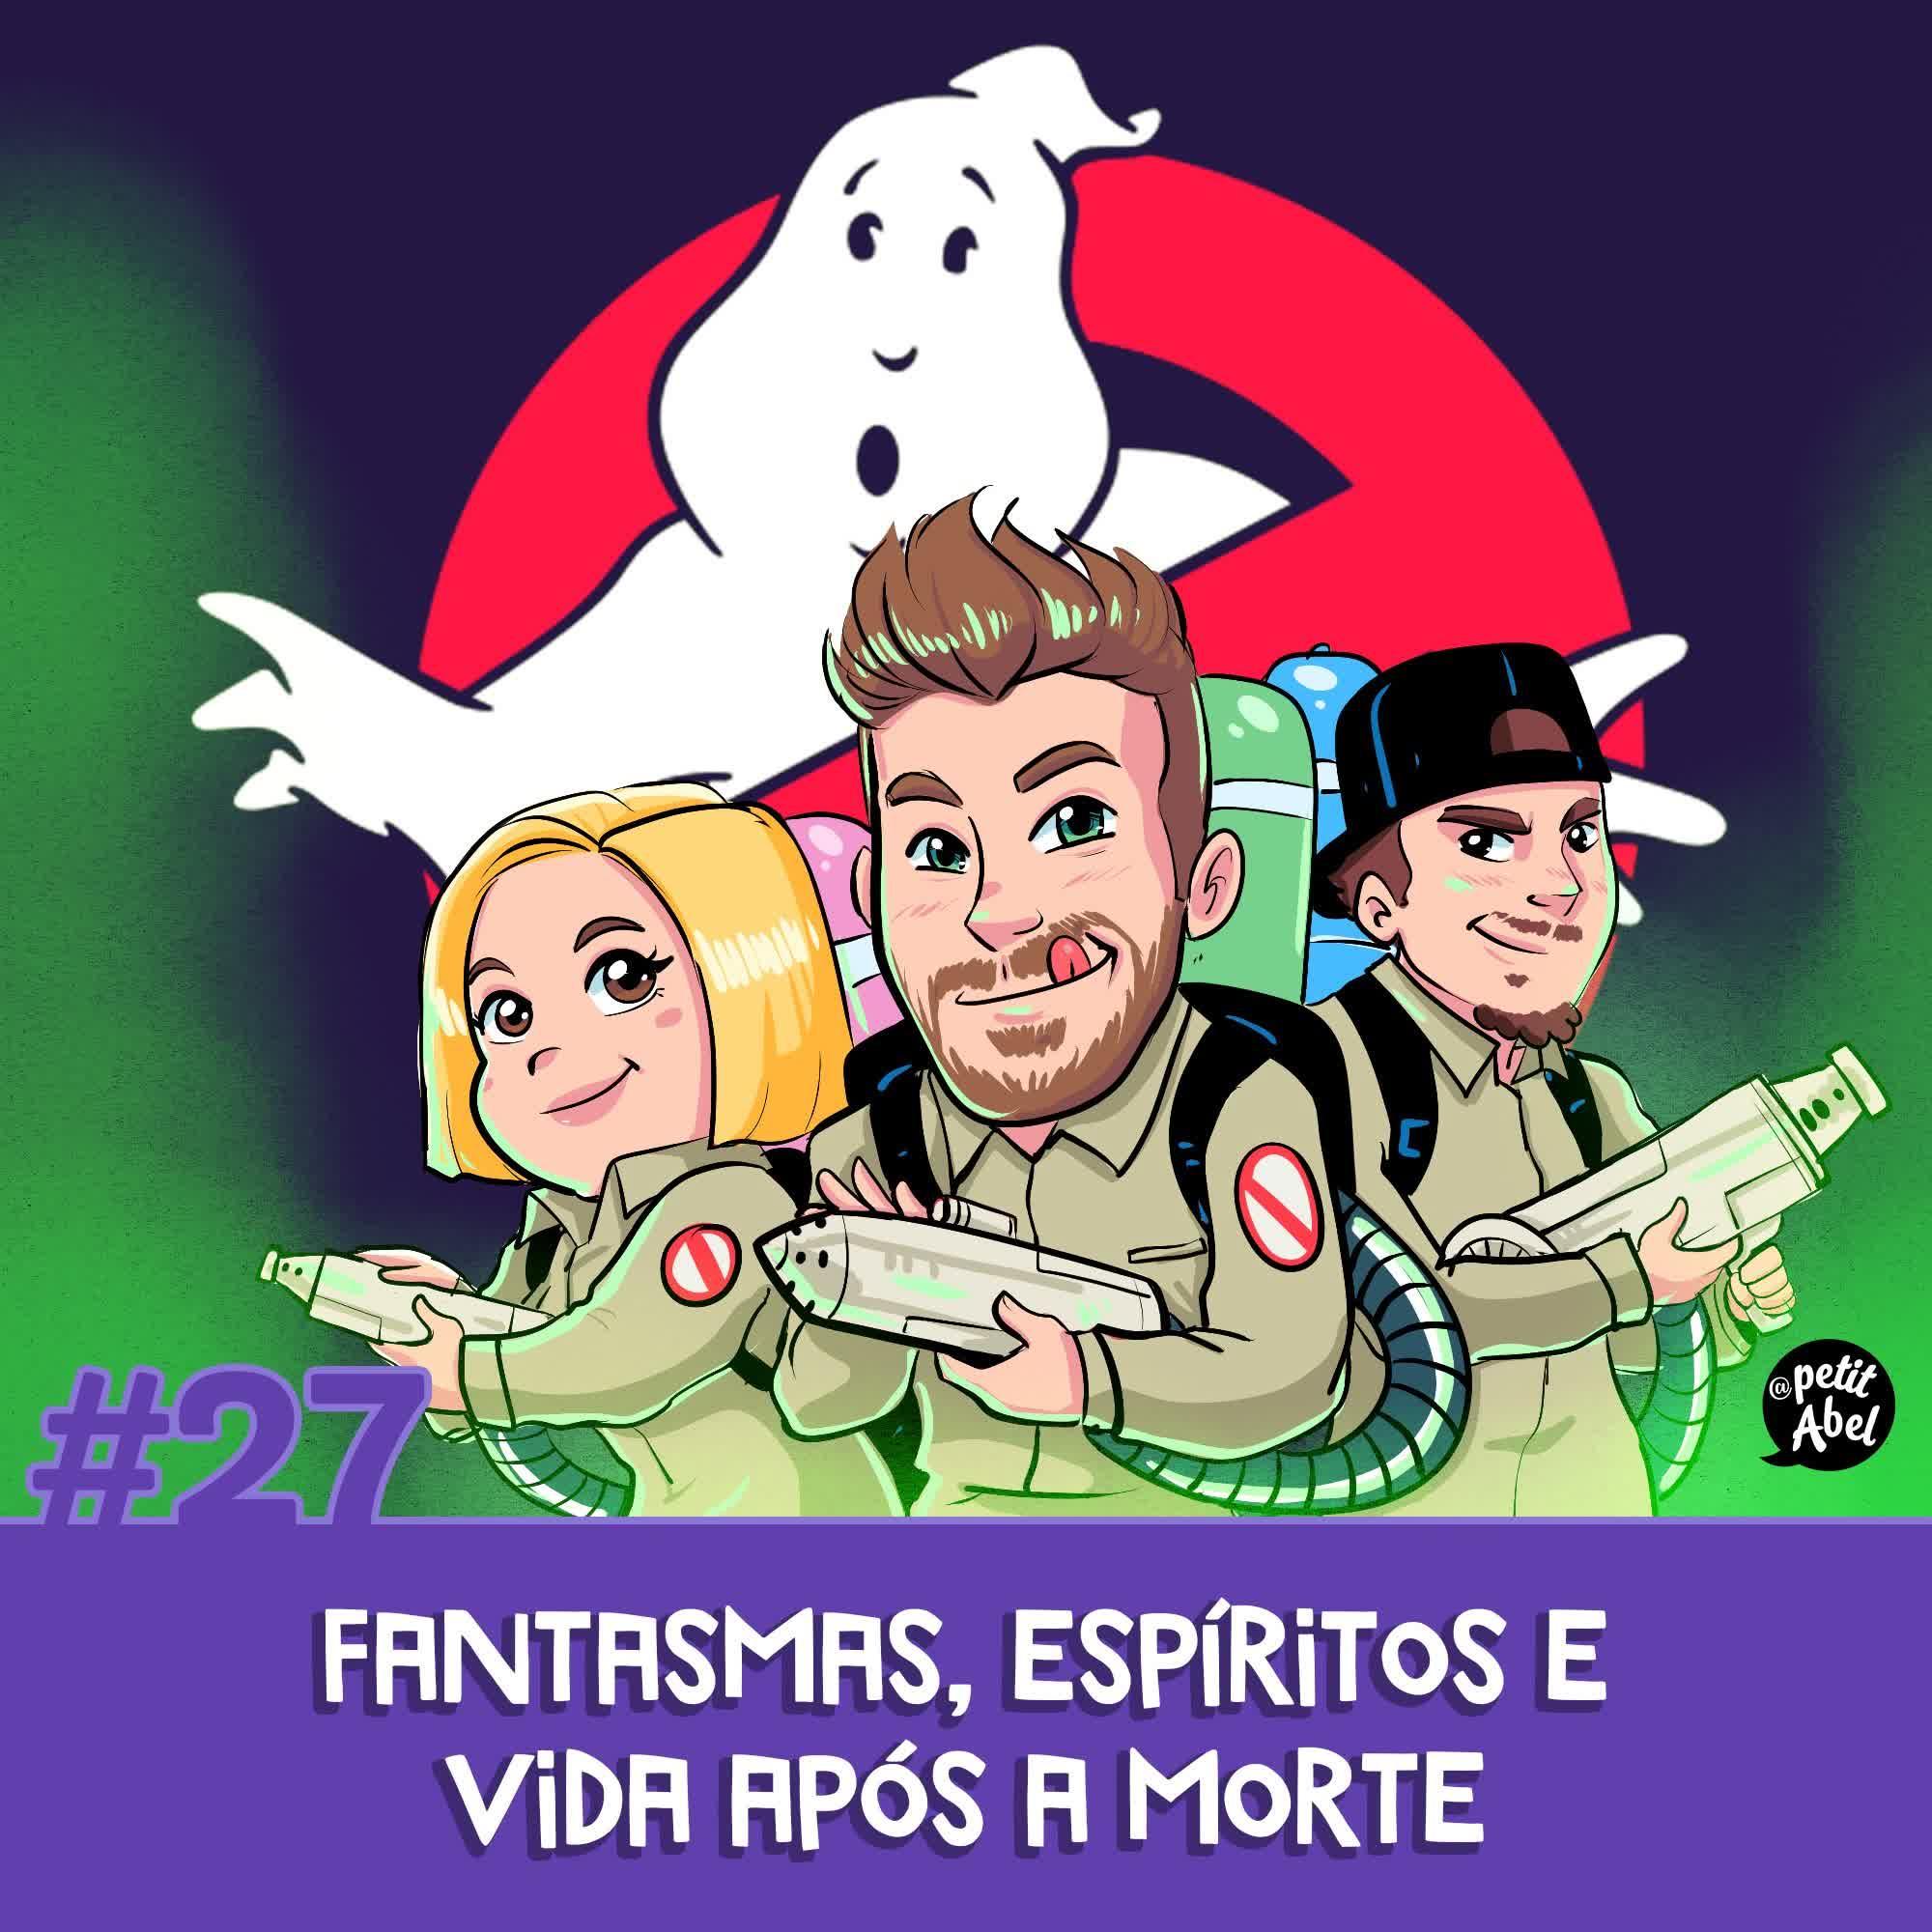 #27 - Fantasmas, espíritos e vida após a morte